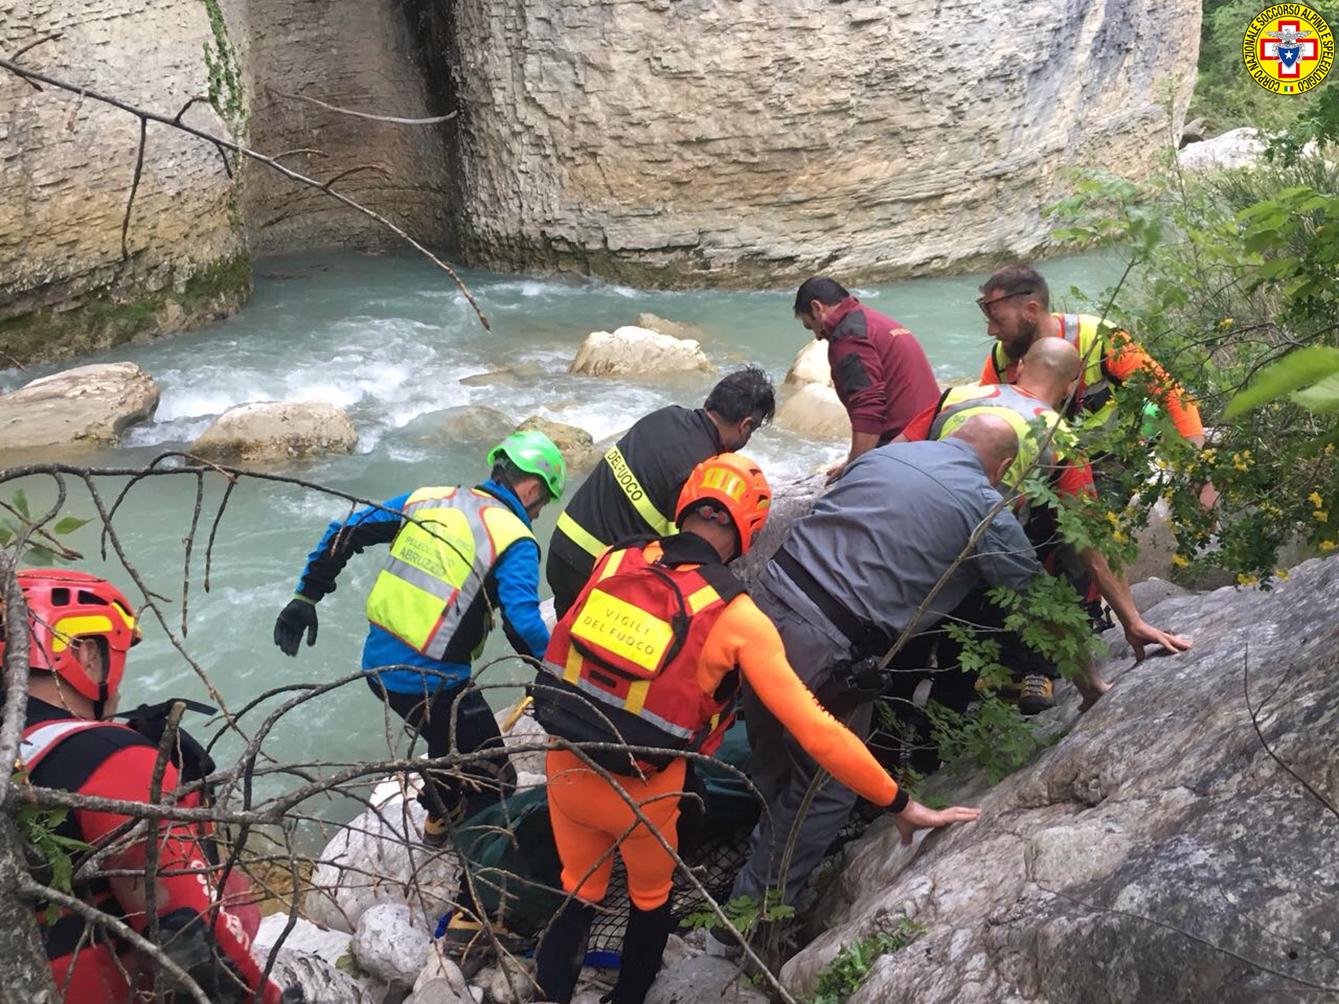 Coppia morta annegata nel fiume Orta, proseguono le ...